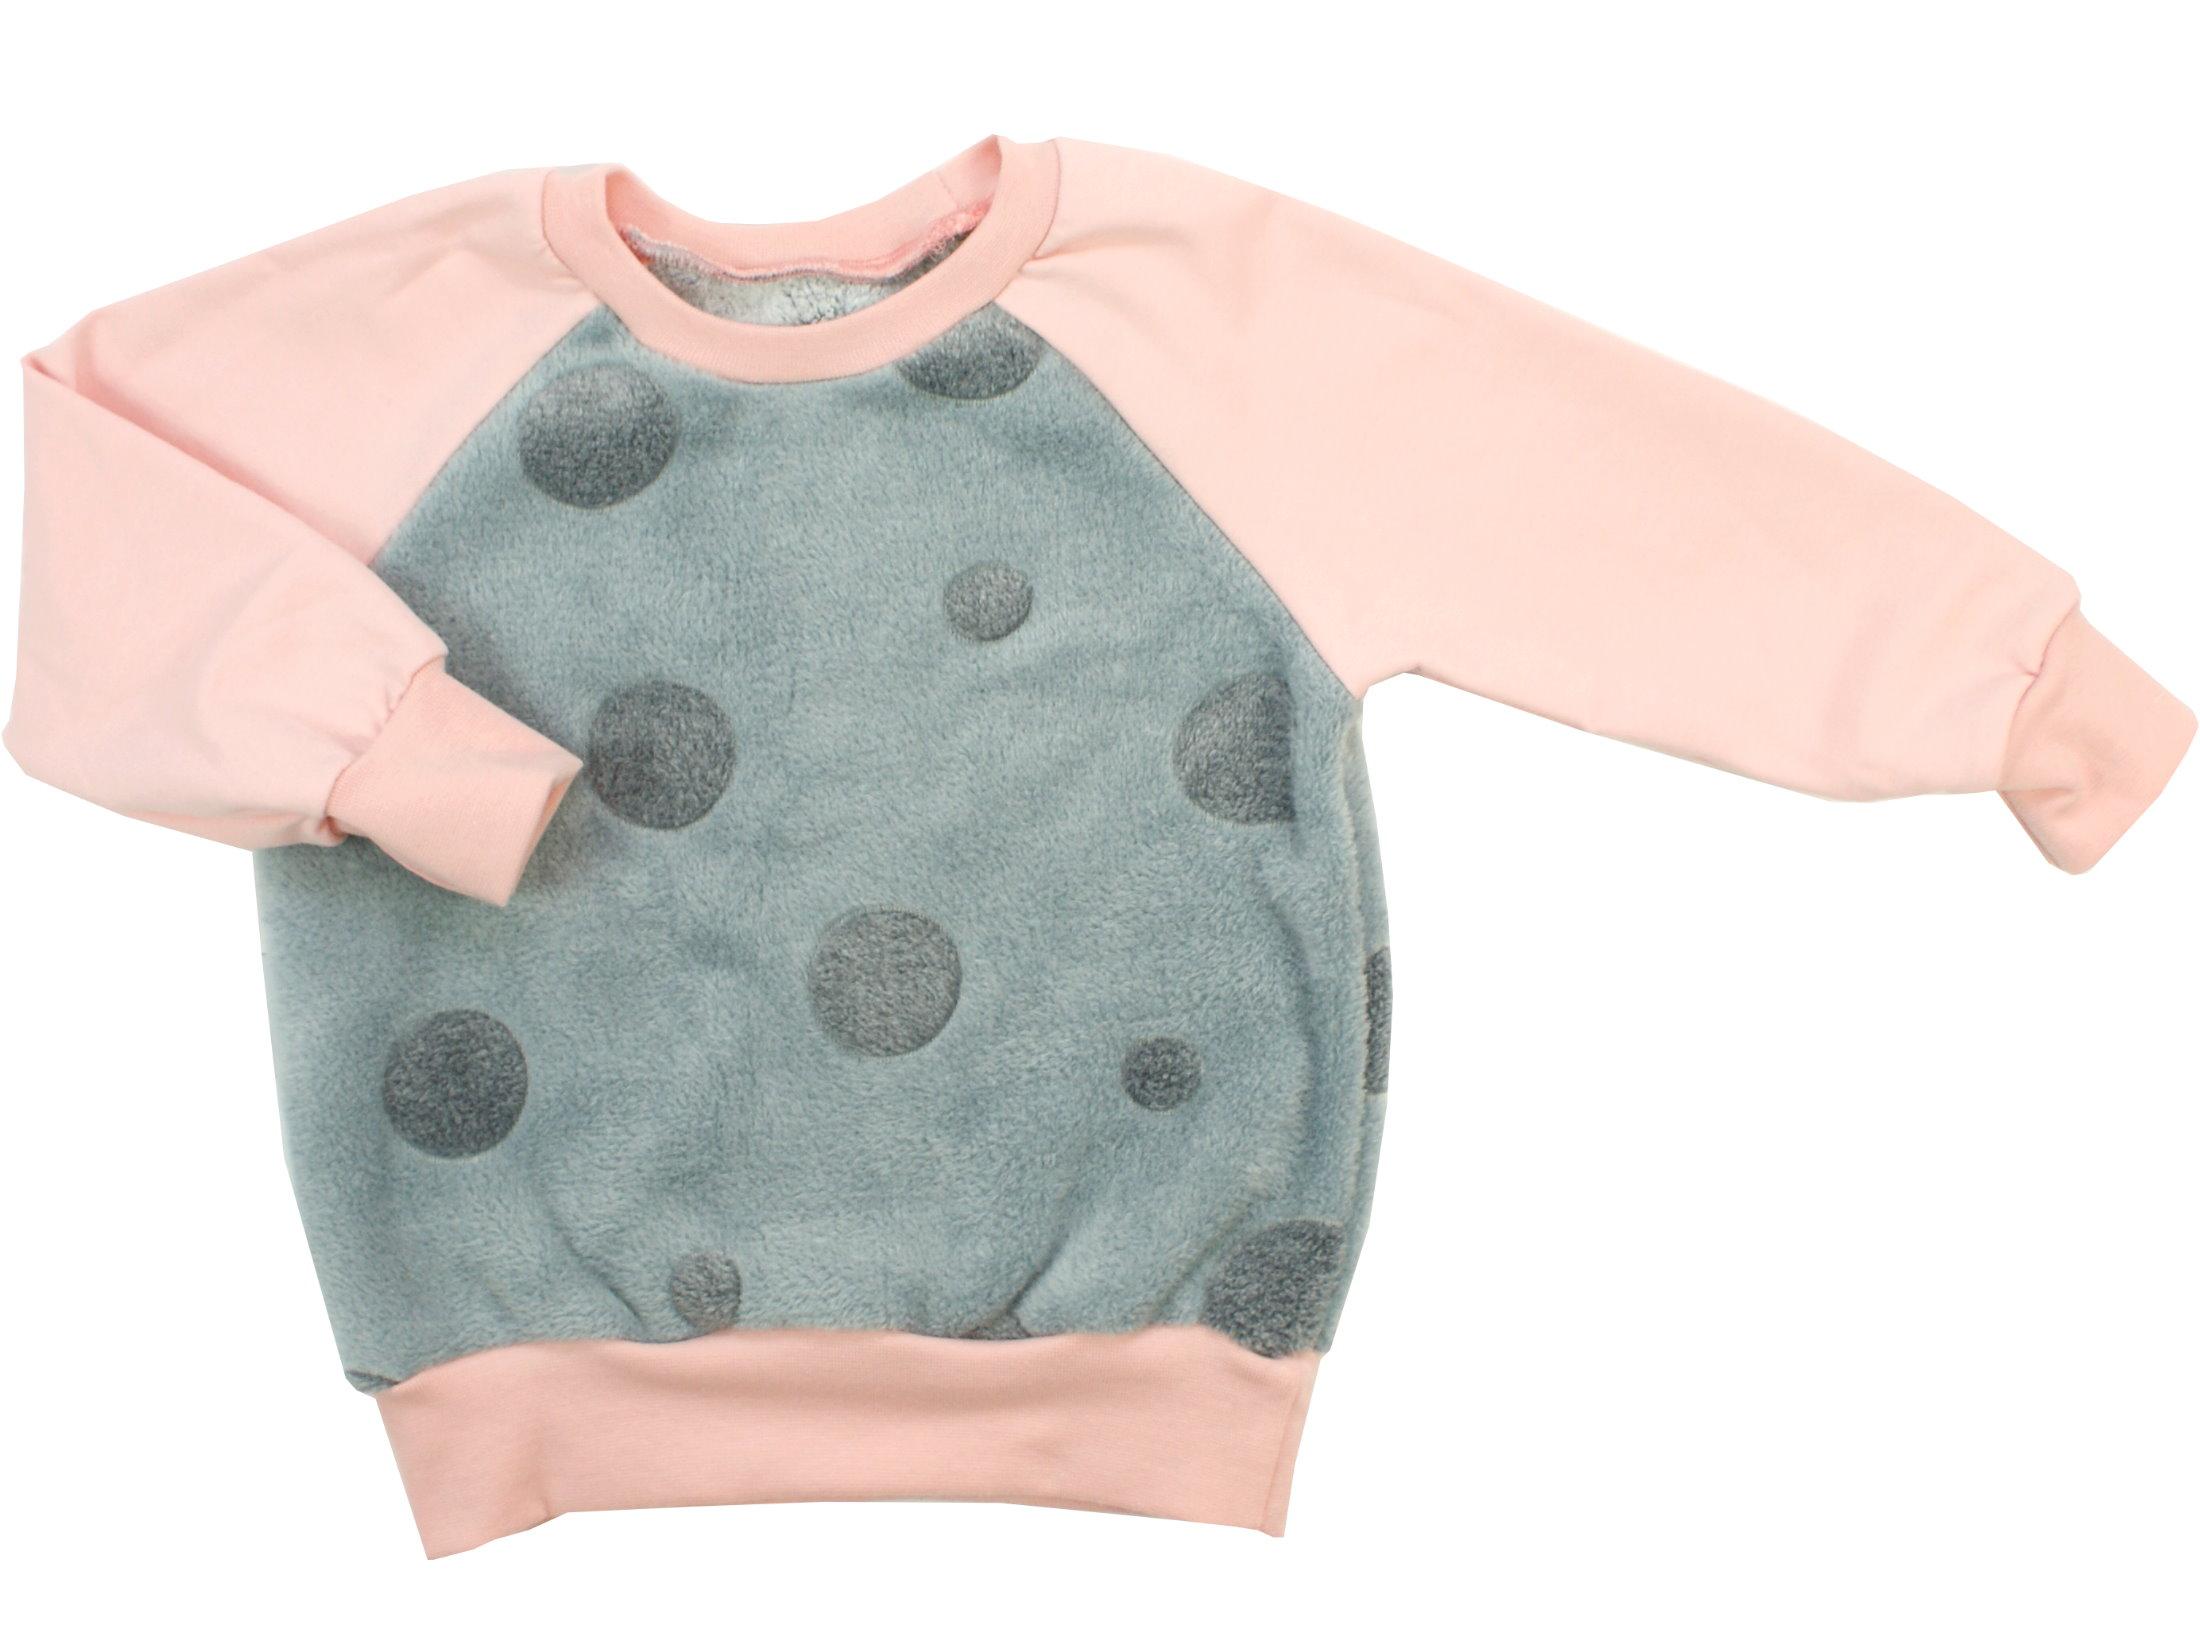 """Kinder Pullover """"Dots"""" grau altrosa aus Kuschelfleece"""